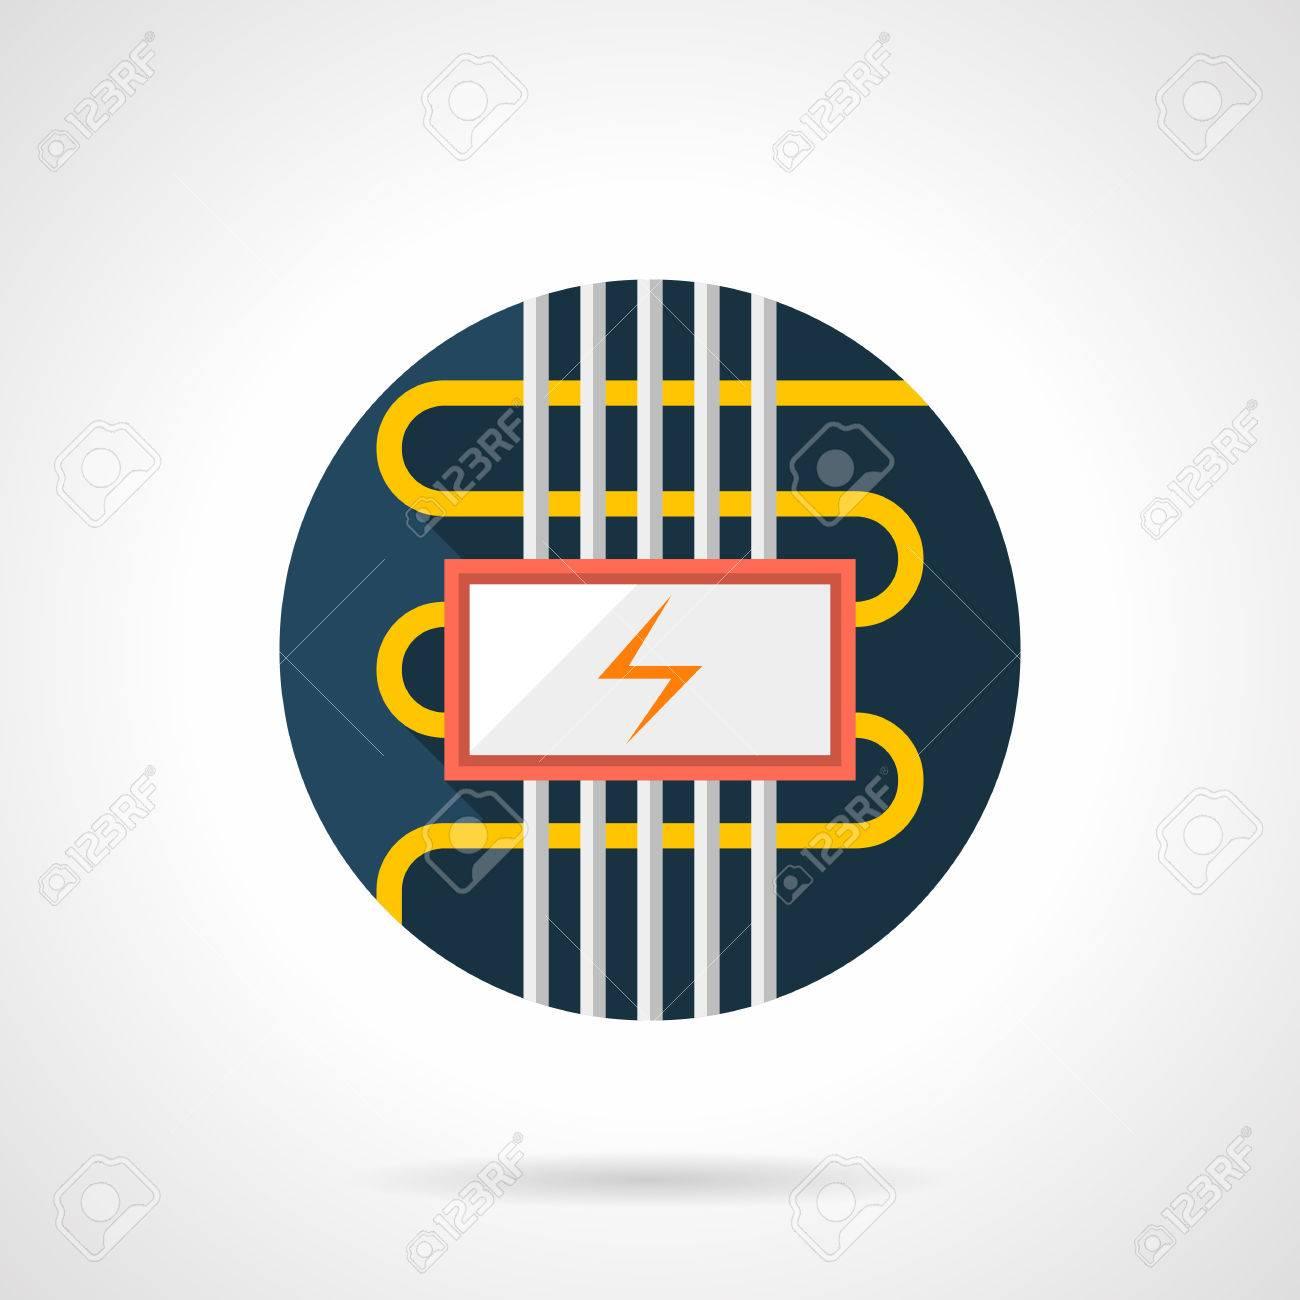 Kabel Elektrische Fußbodenheizung Symbol. Installieren Von Diensten